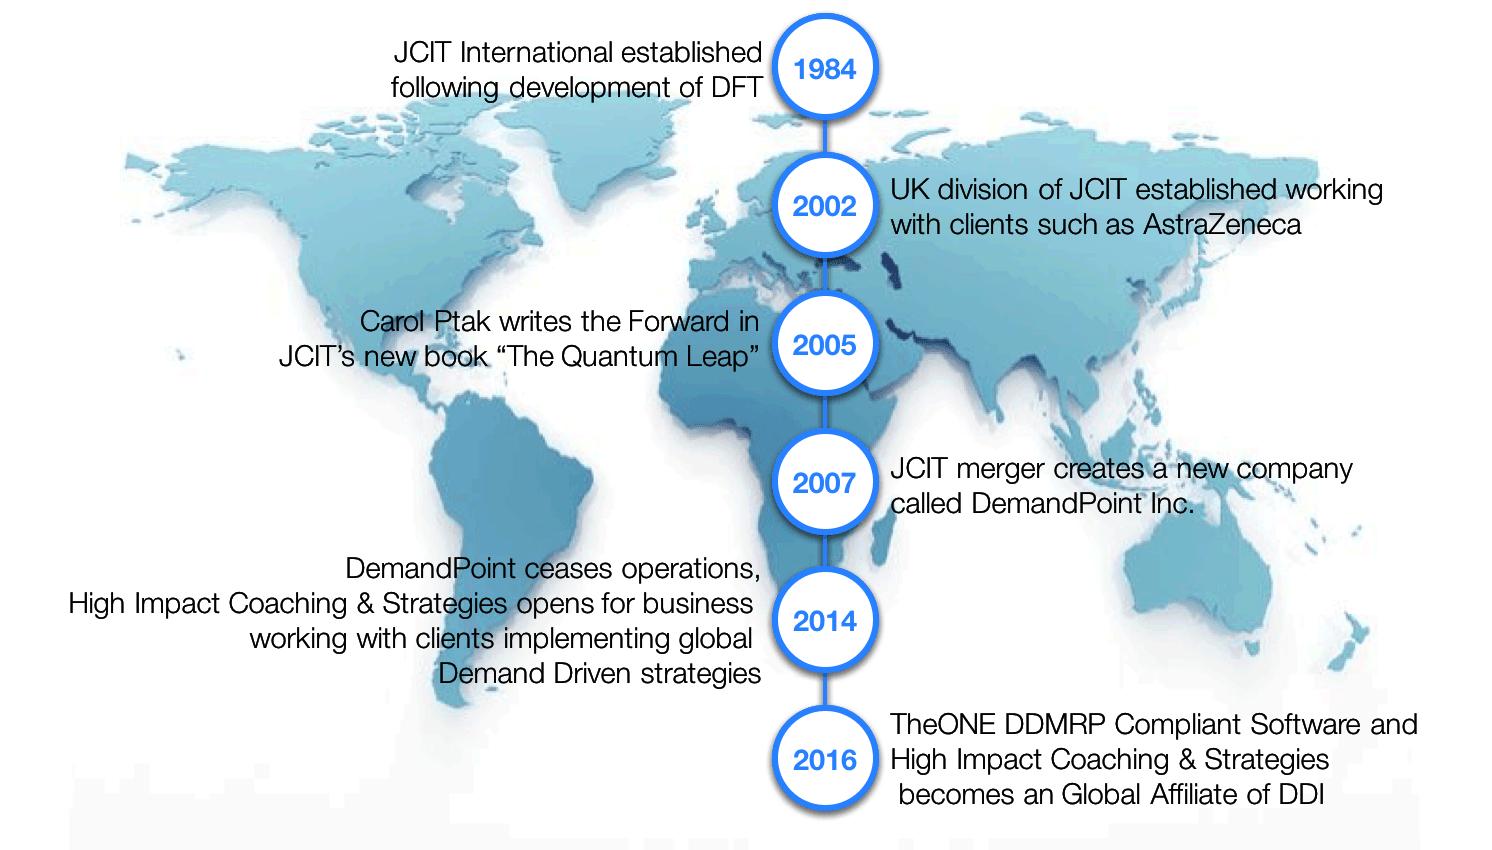 HICS History